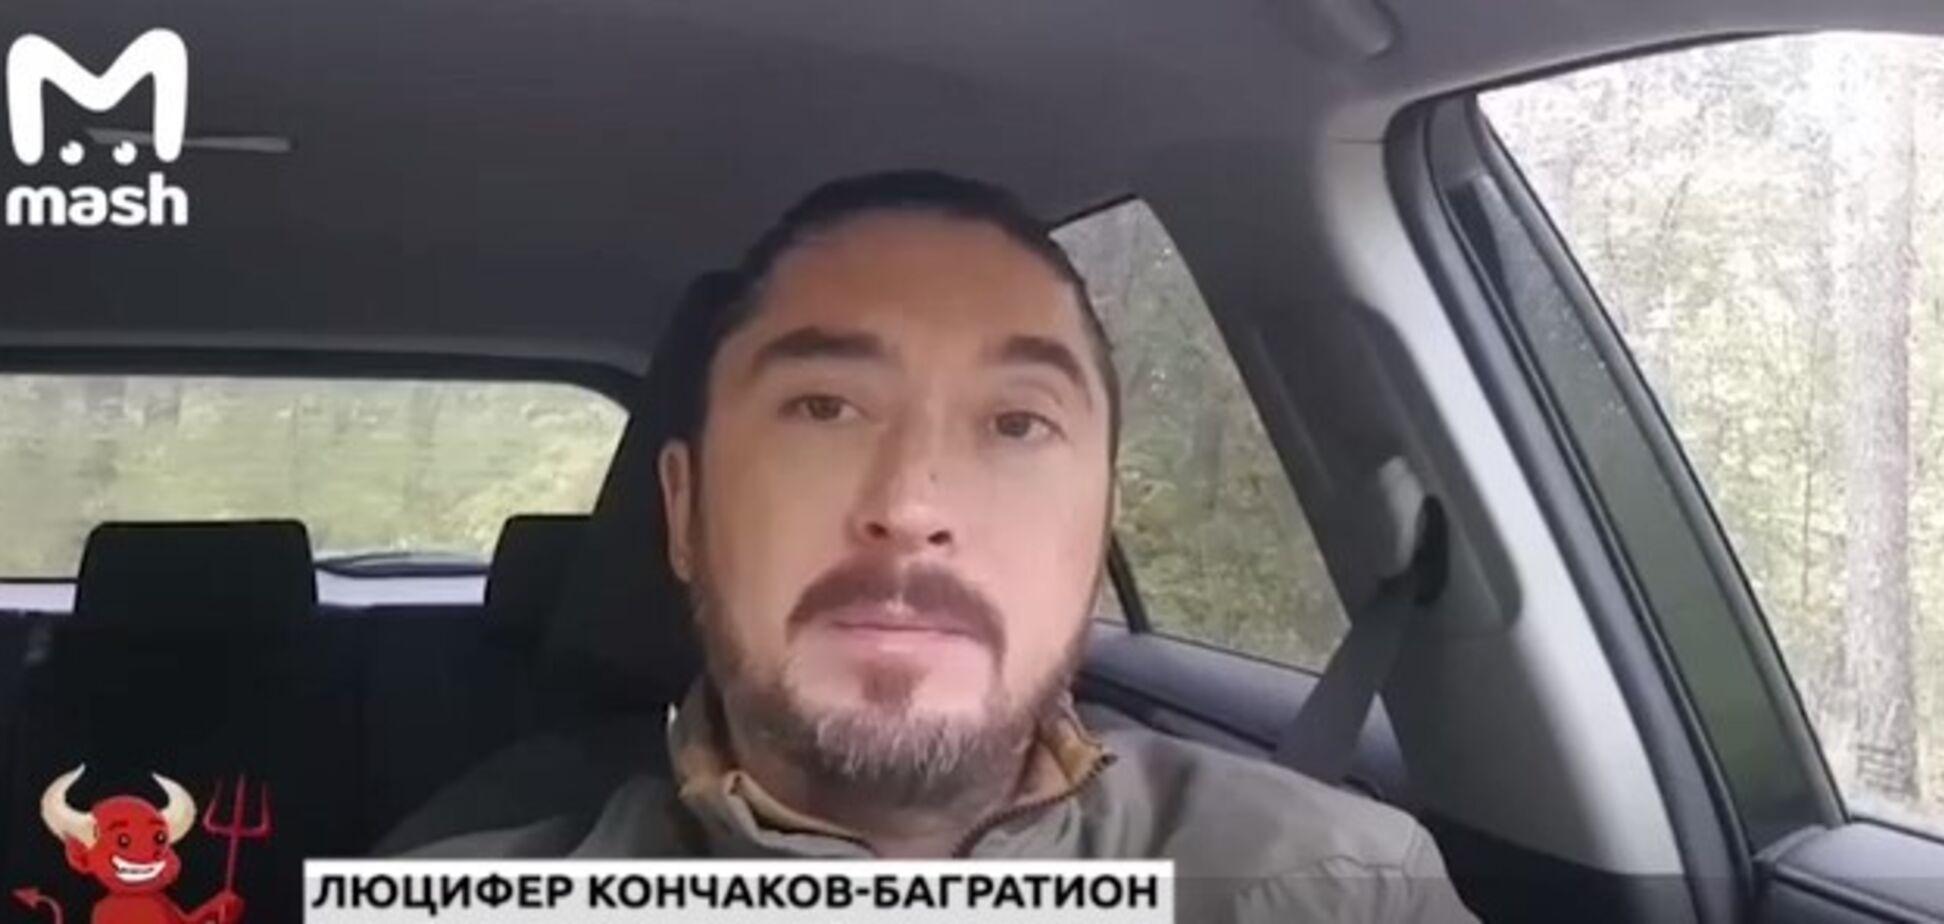 В России мужчина с именем Люцифер подал в суд на РПЦ